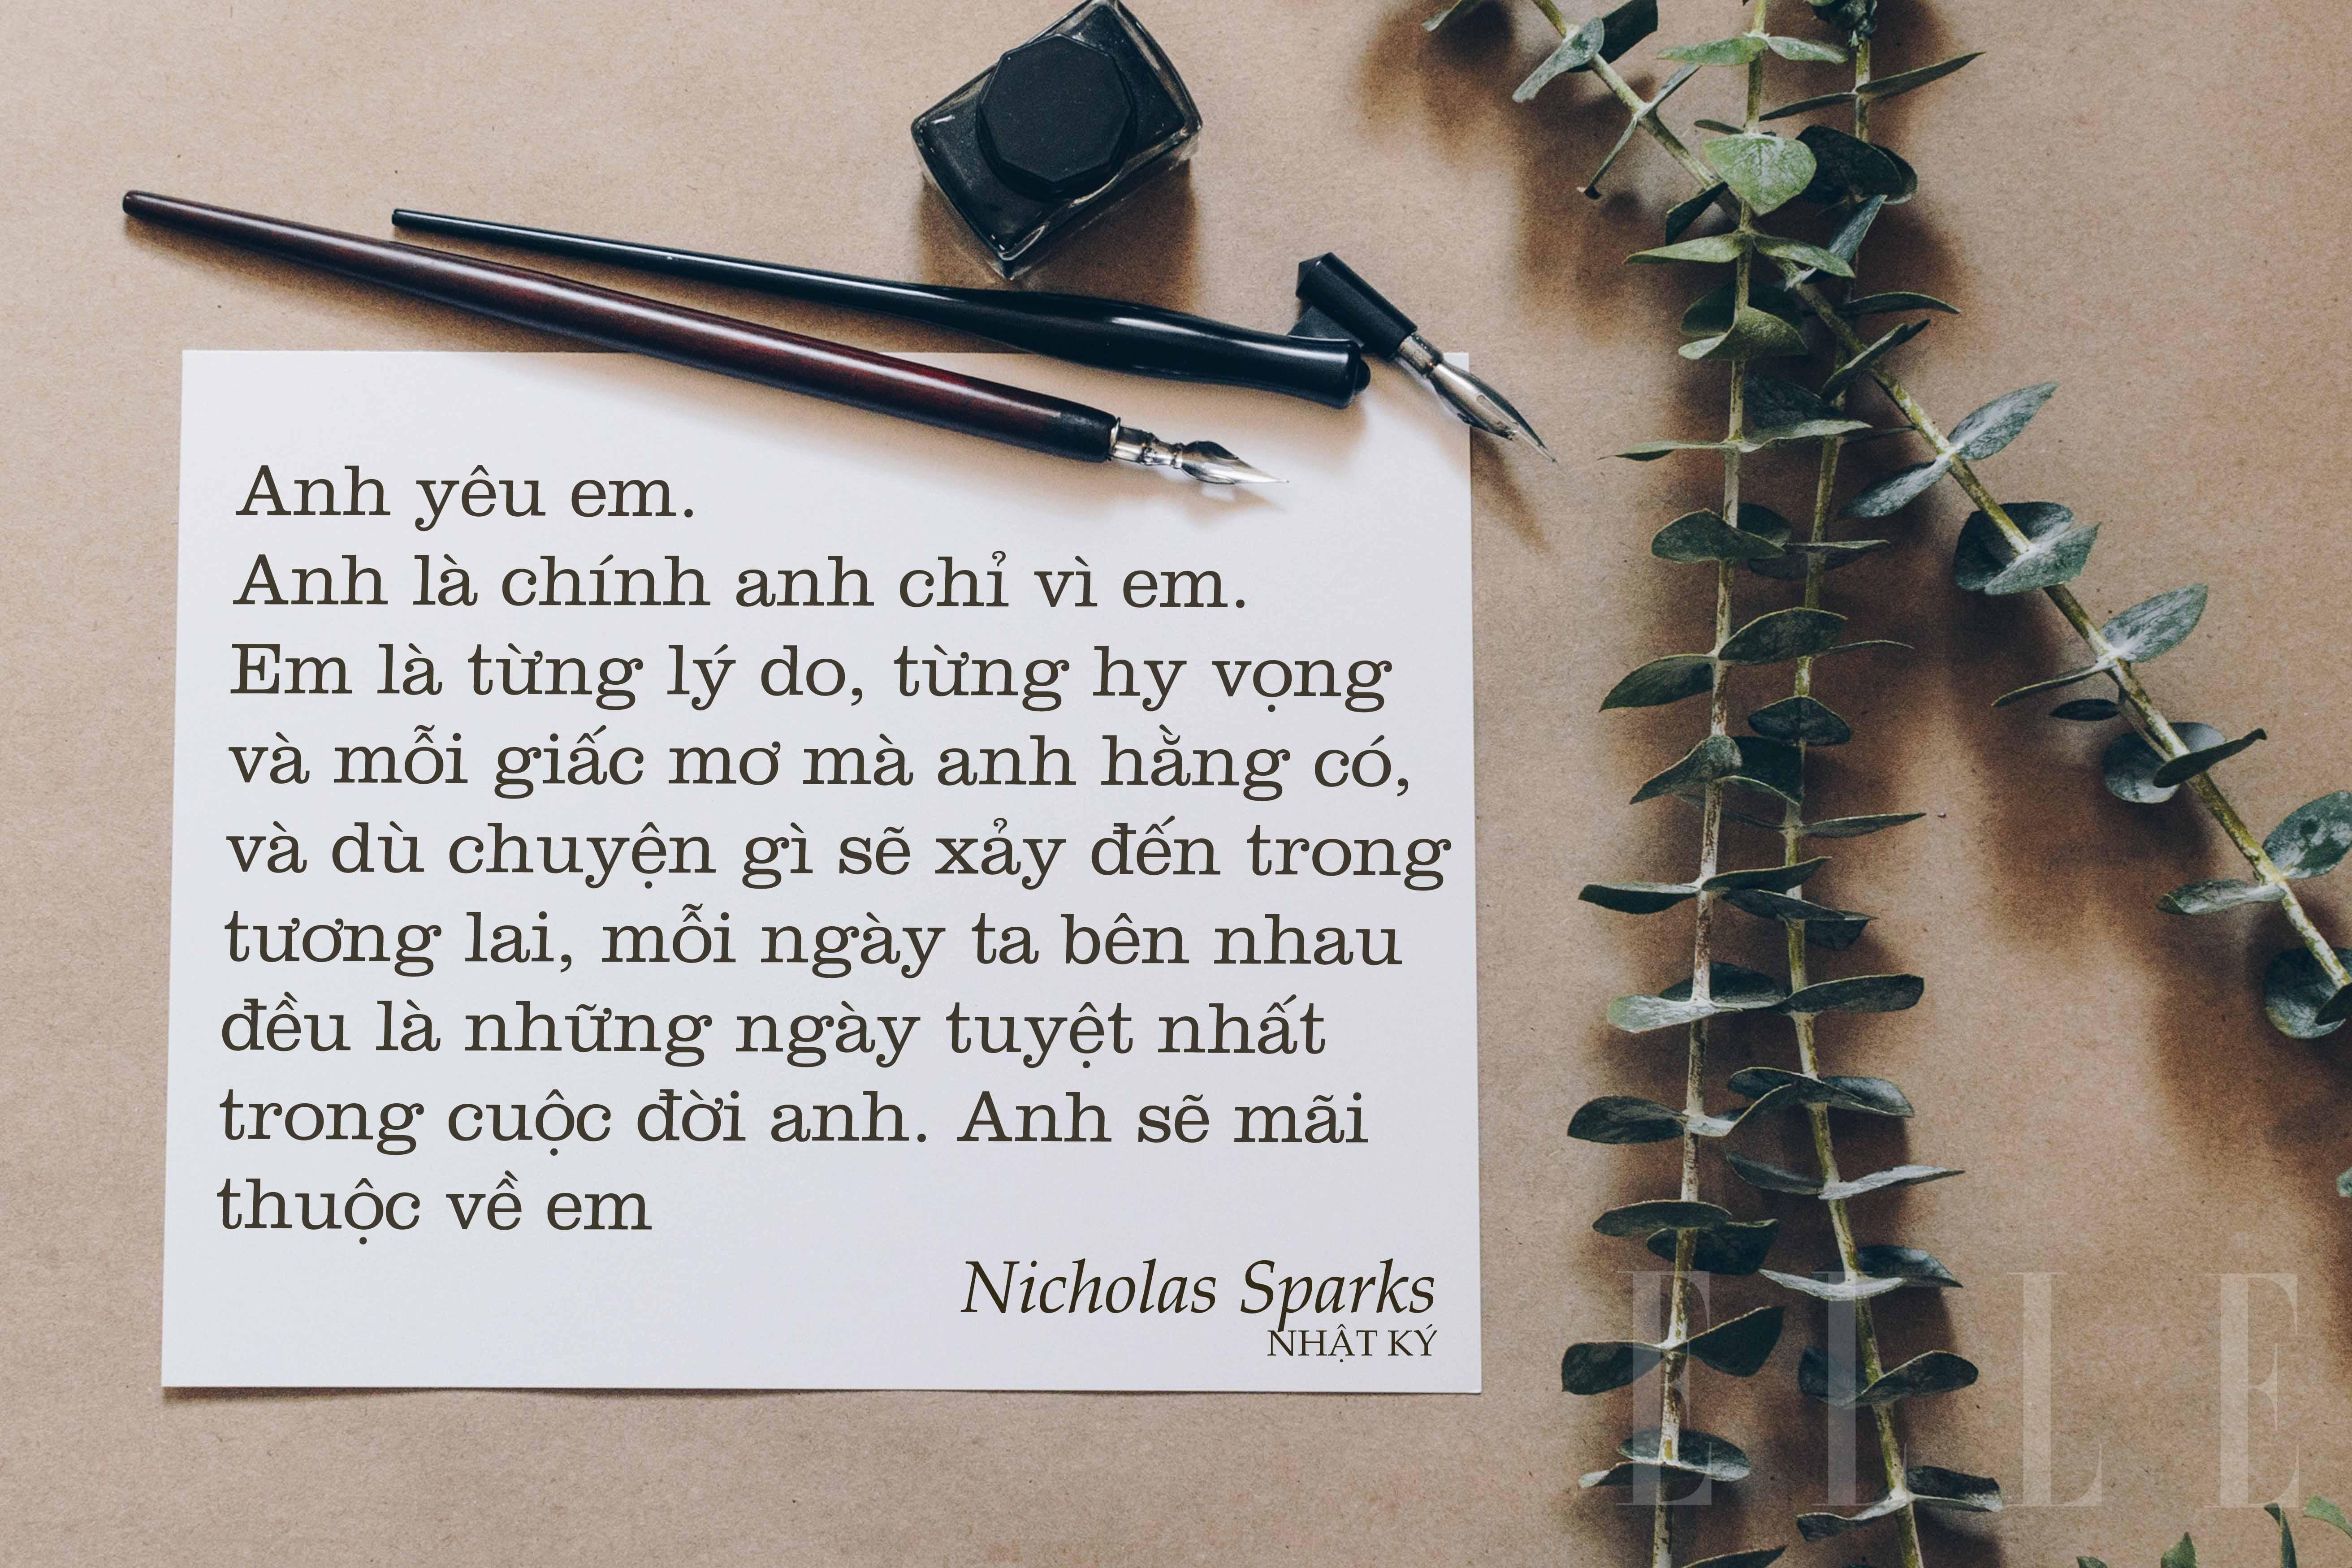 Nicholas Sparks 3